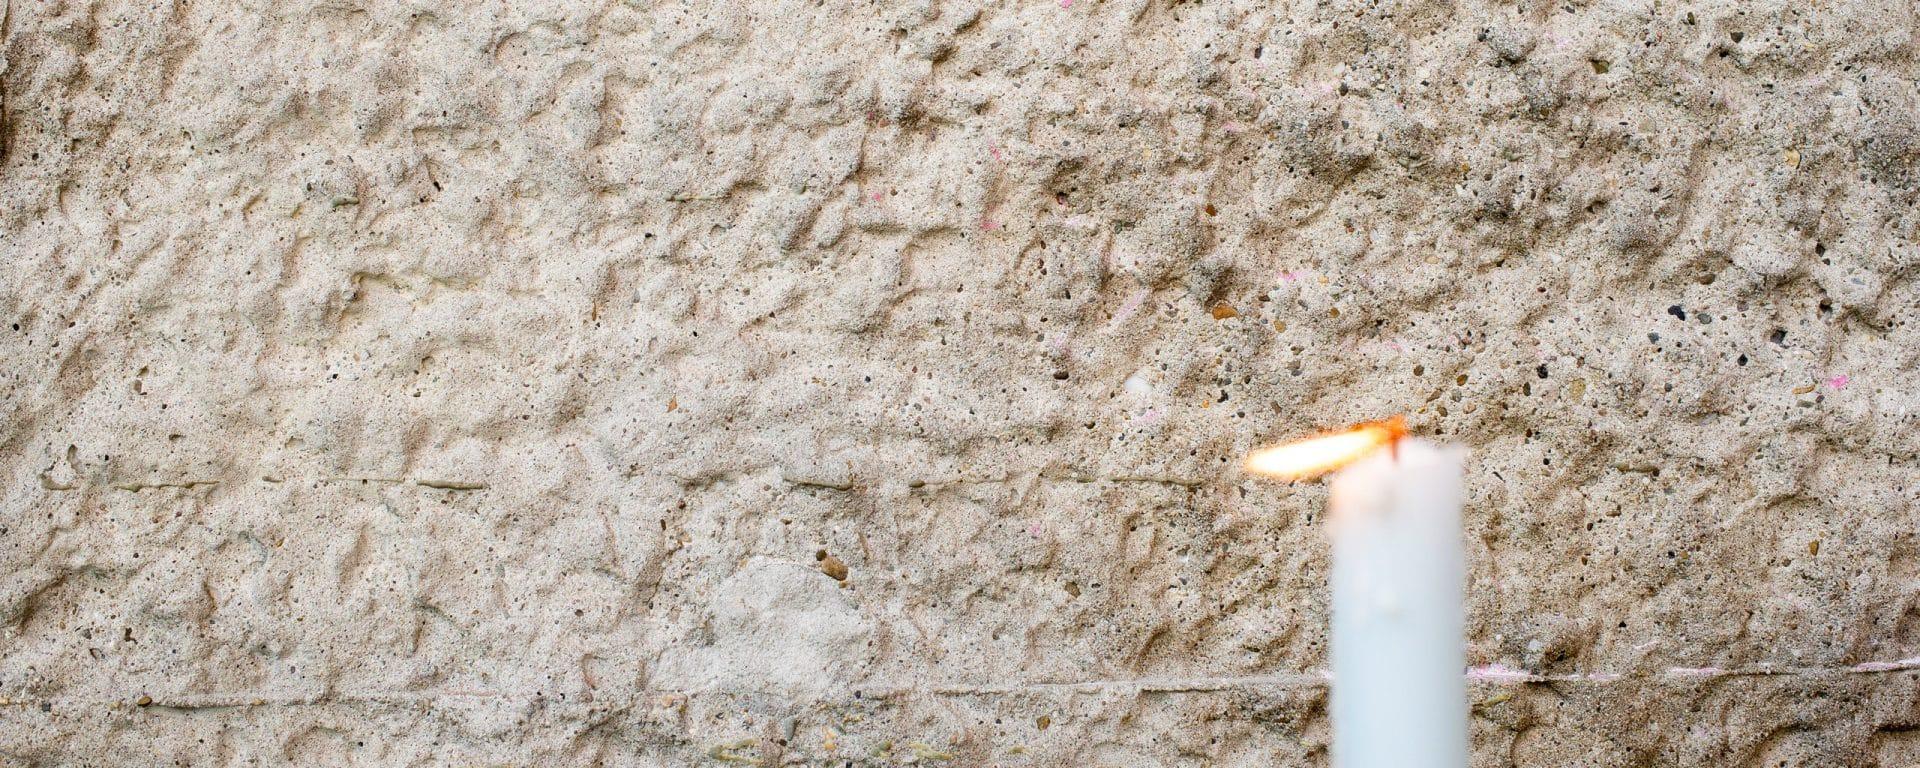 Kaars bij gevel (foto: Hugo Verboven)